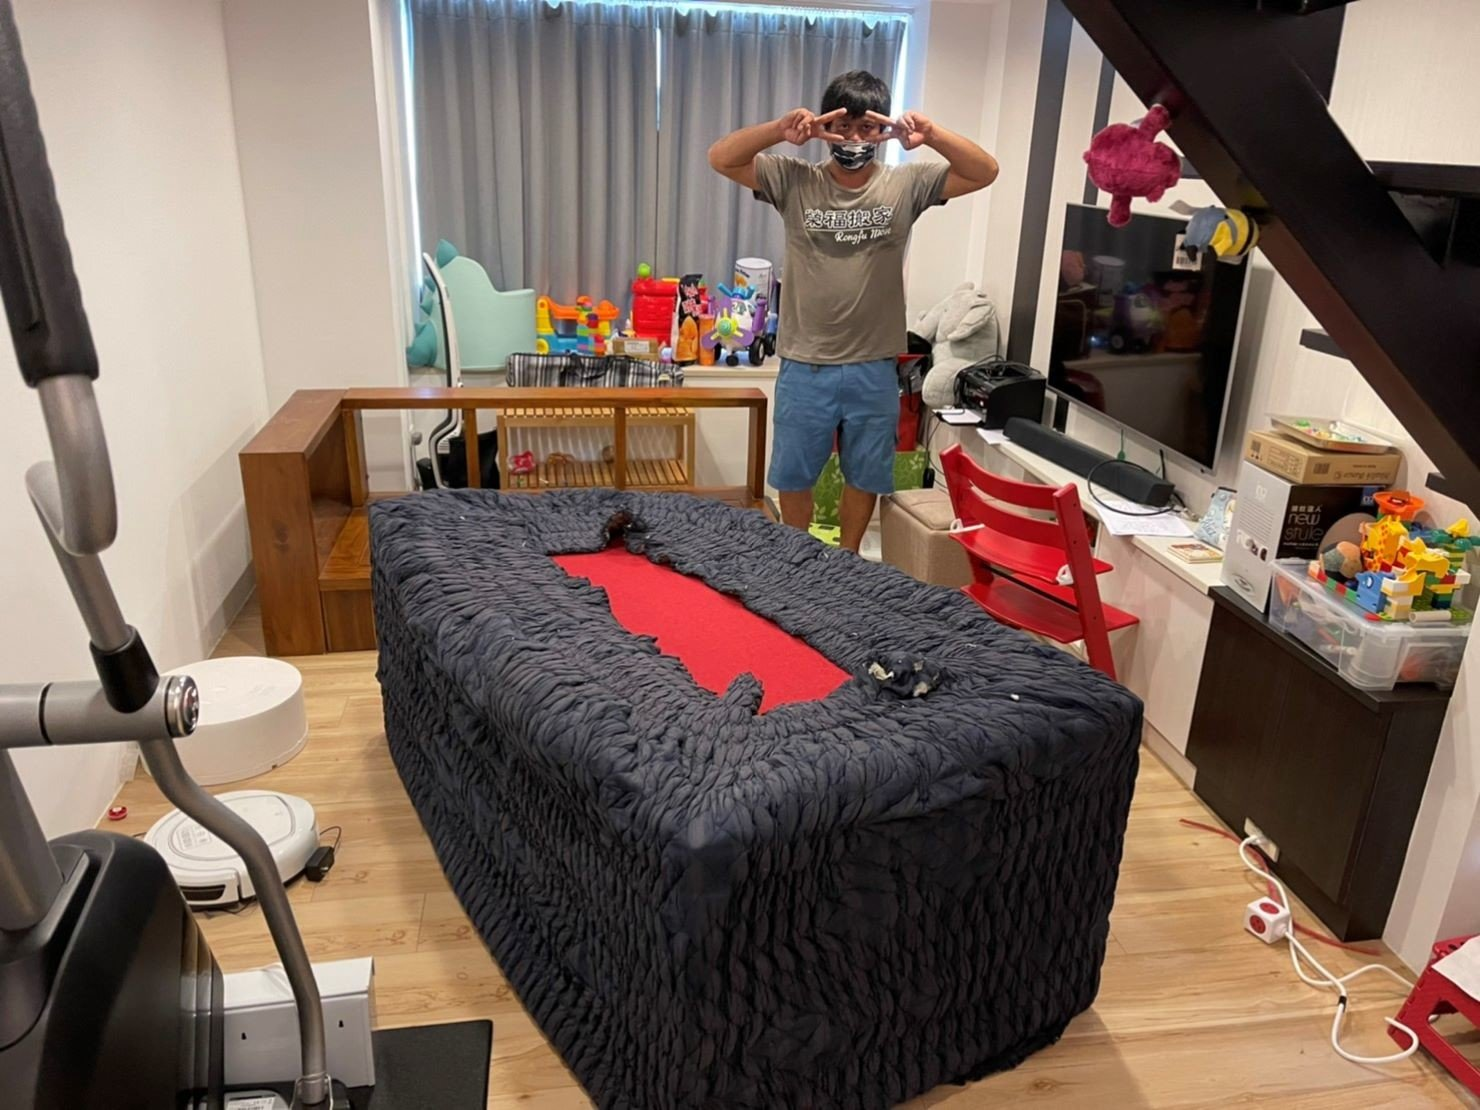 只需搬一件家具?搬運單一家具【榮福搬家公司】洗脫烘三合一洗衣機,LG雙能洗,洗碗機、烘碗機、沙發、冰箱、家庭搬家、跨縣市搬家、搬工計時、搬家具、搬家首選、特殊重物搬運、專搬重物、搬重物技巧、新北搬家公司推薦、搬家車、搬家公司、基隆搬家、南港搬家、桃園搬家公司推薦、台北搬家公司推薦:大台北搬家,精緻包裝搬運「細膩包裝、專業搬運、用心服務、以客為尊」是榮福搬家公司的宗旨與精神。歡迎立即來電02-2651-2727專人服務。